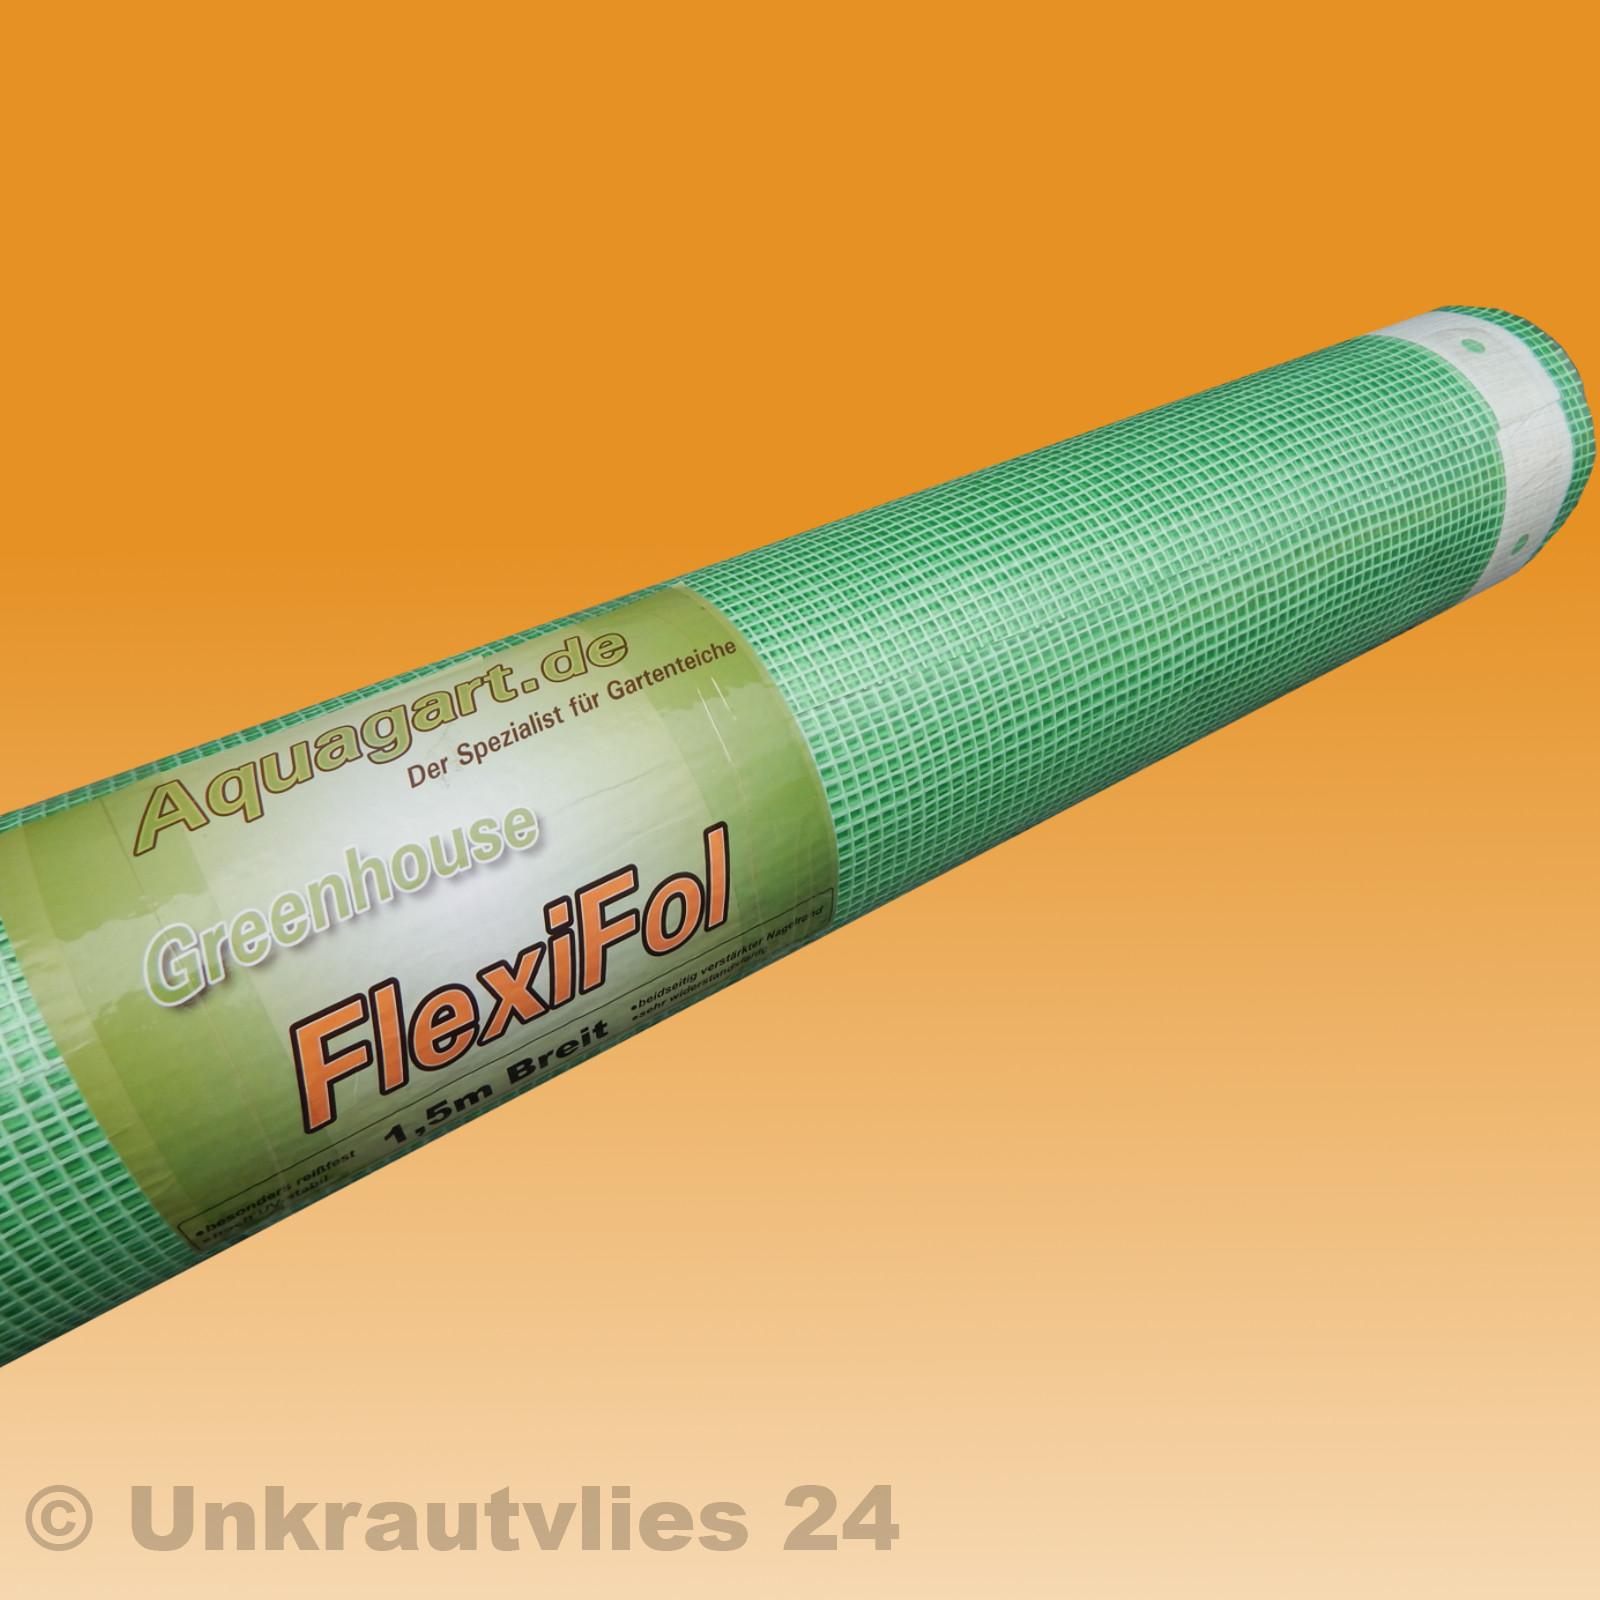 14m Gewächshausfolie Gitterfolie Frühbeetfolie Gartenfolie 250g 1,5m breit grün